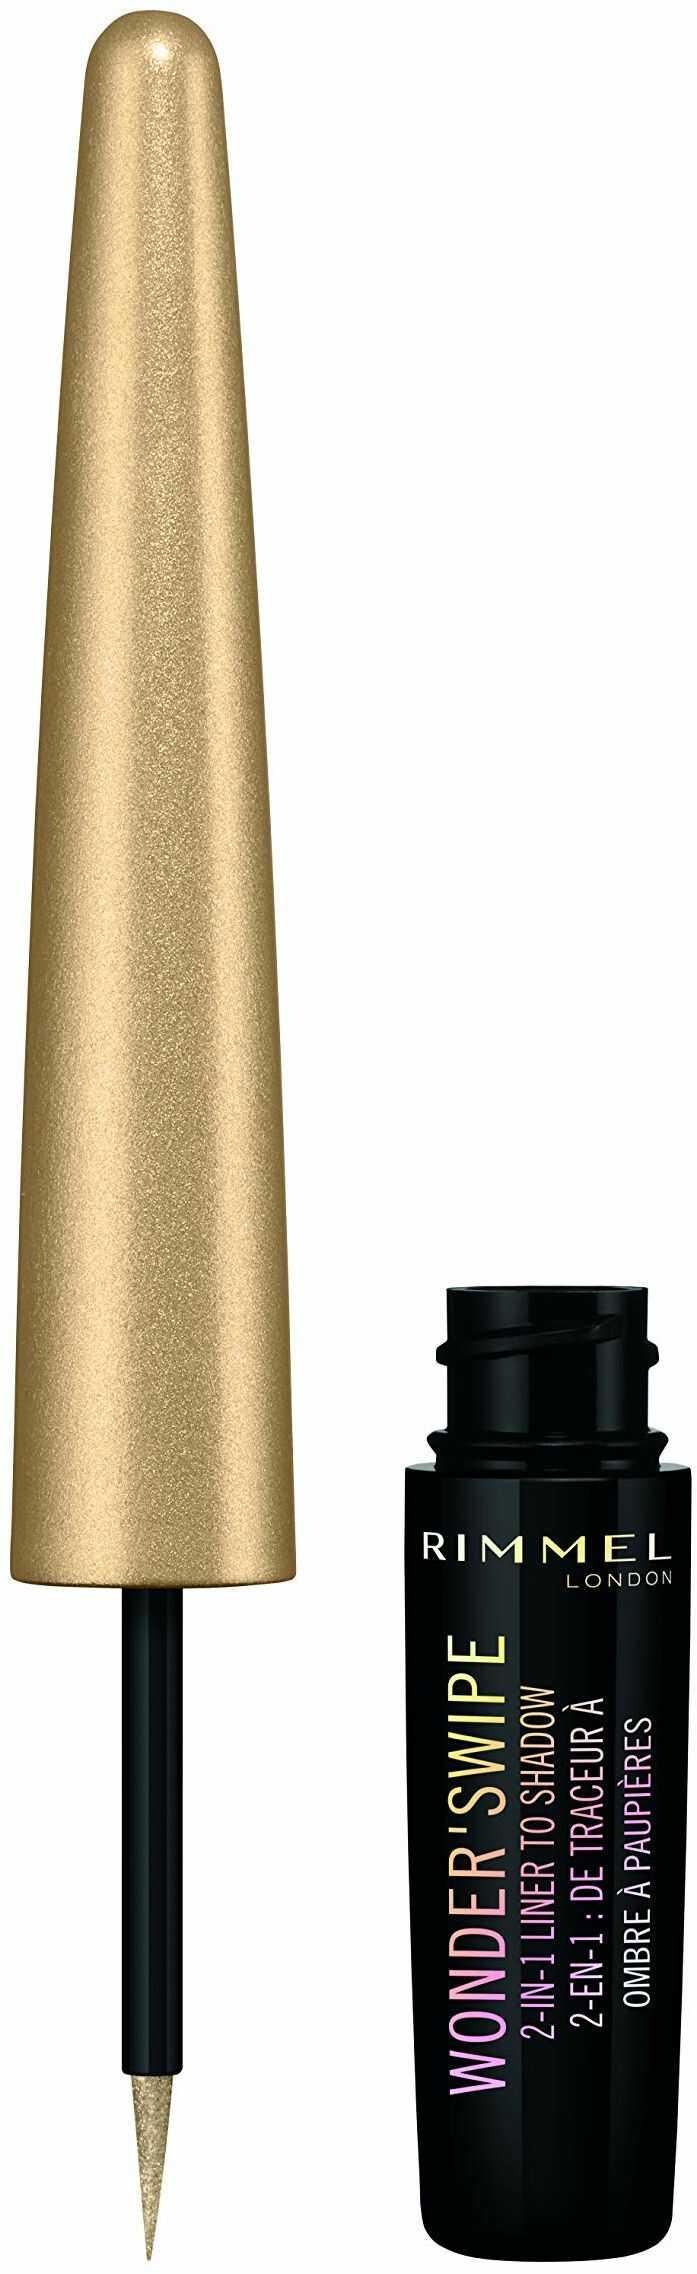 Rimmel Wonder''swipe metaliczny eyeliner i cień do powiek 2w1 nr 003 - Ballin